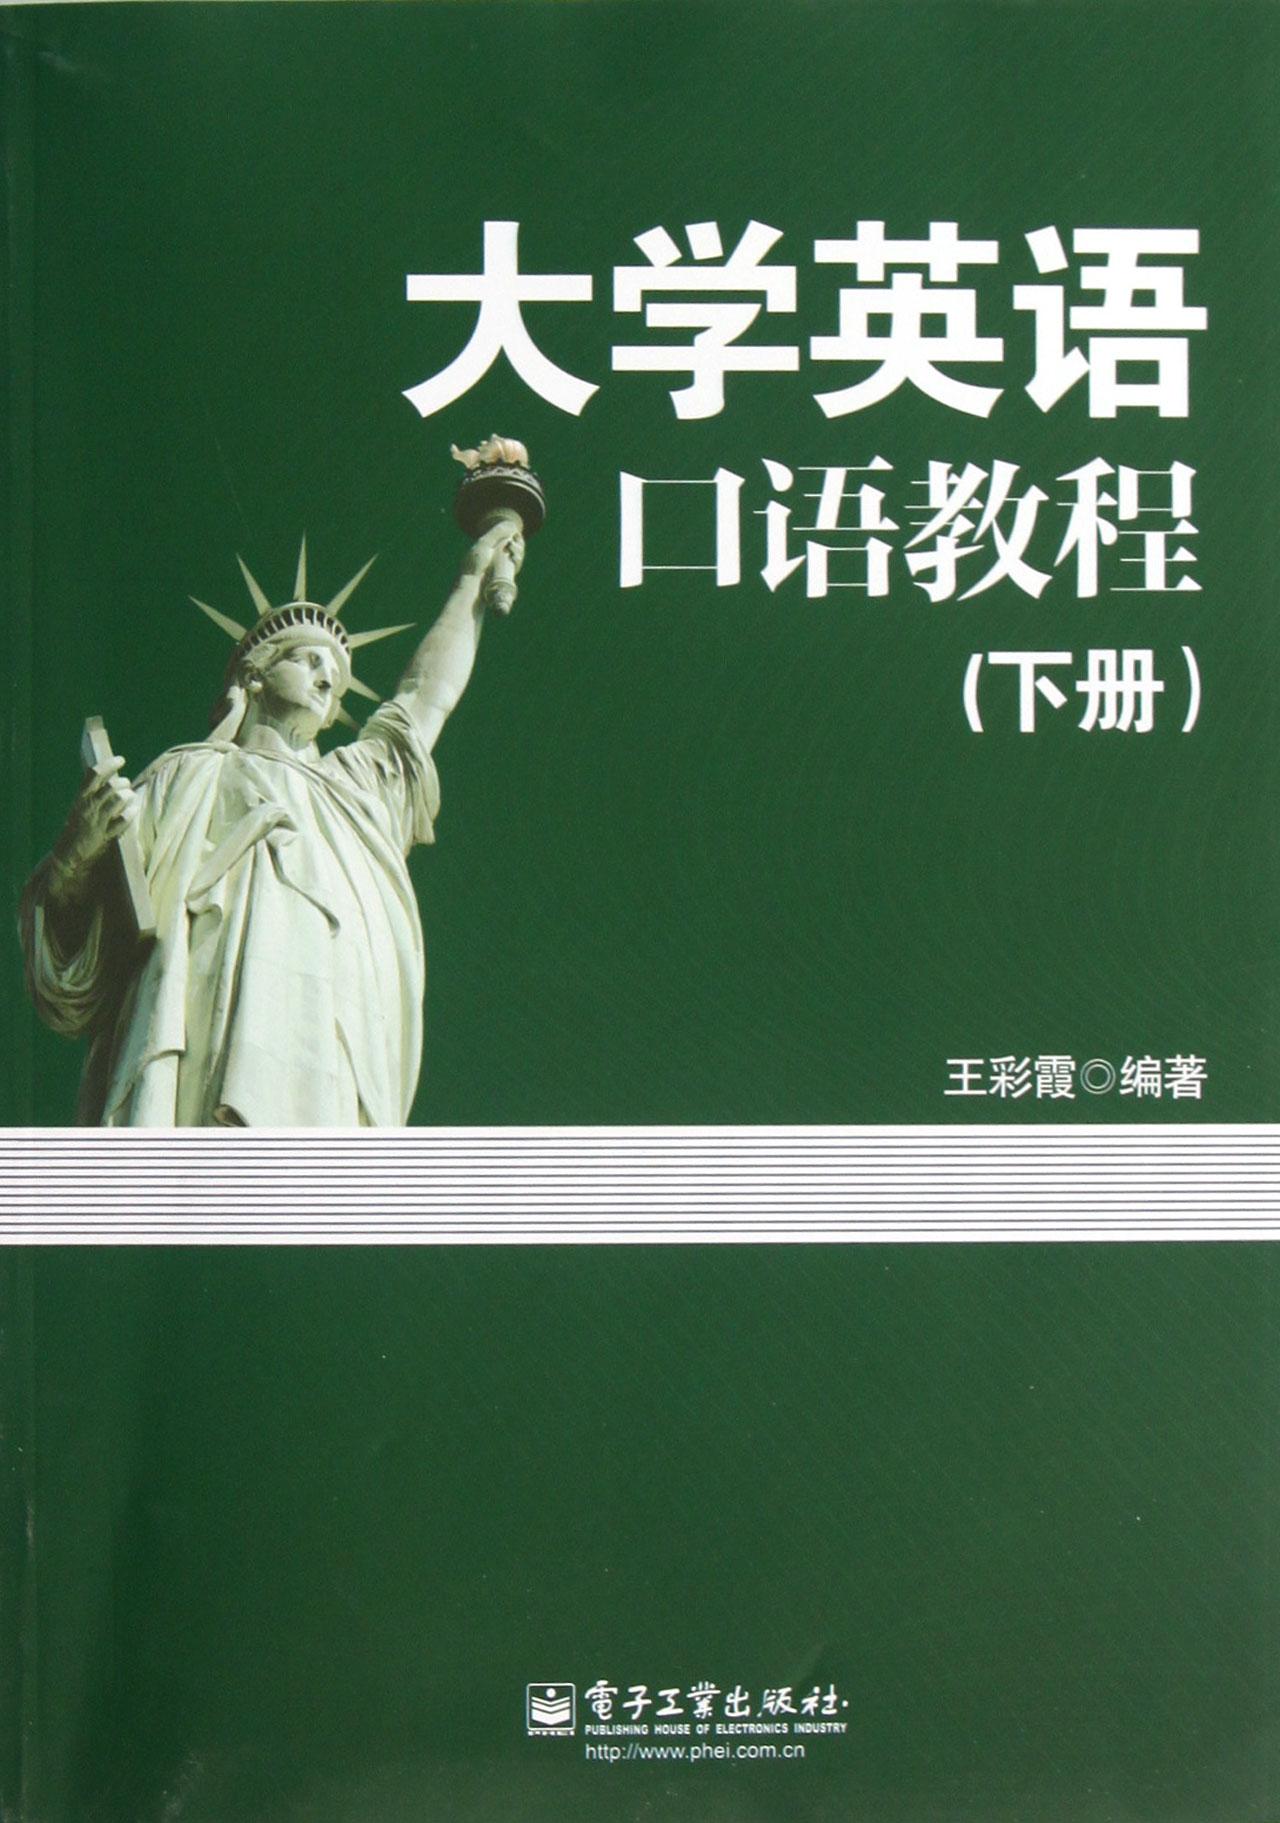 大学英语口语教程下